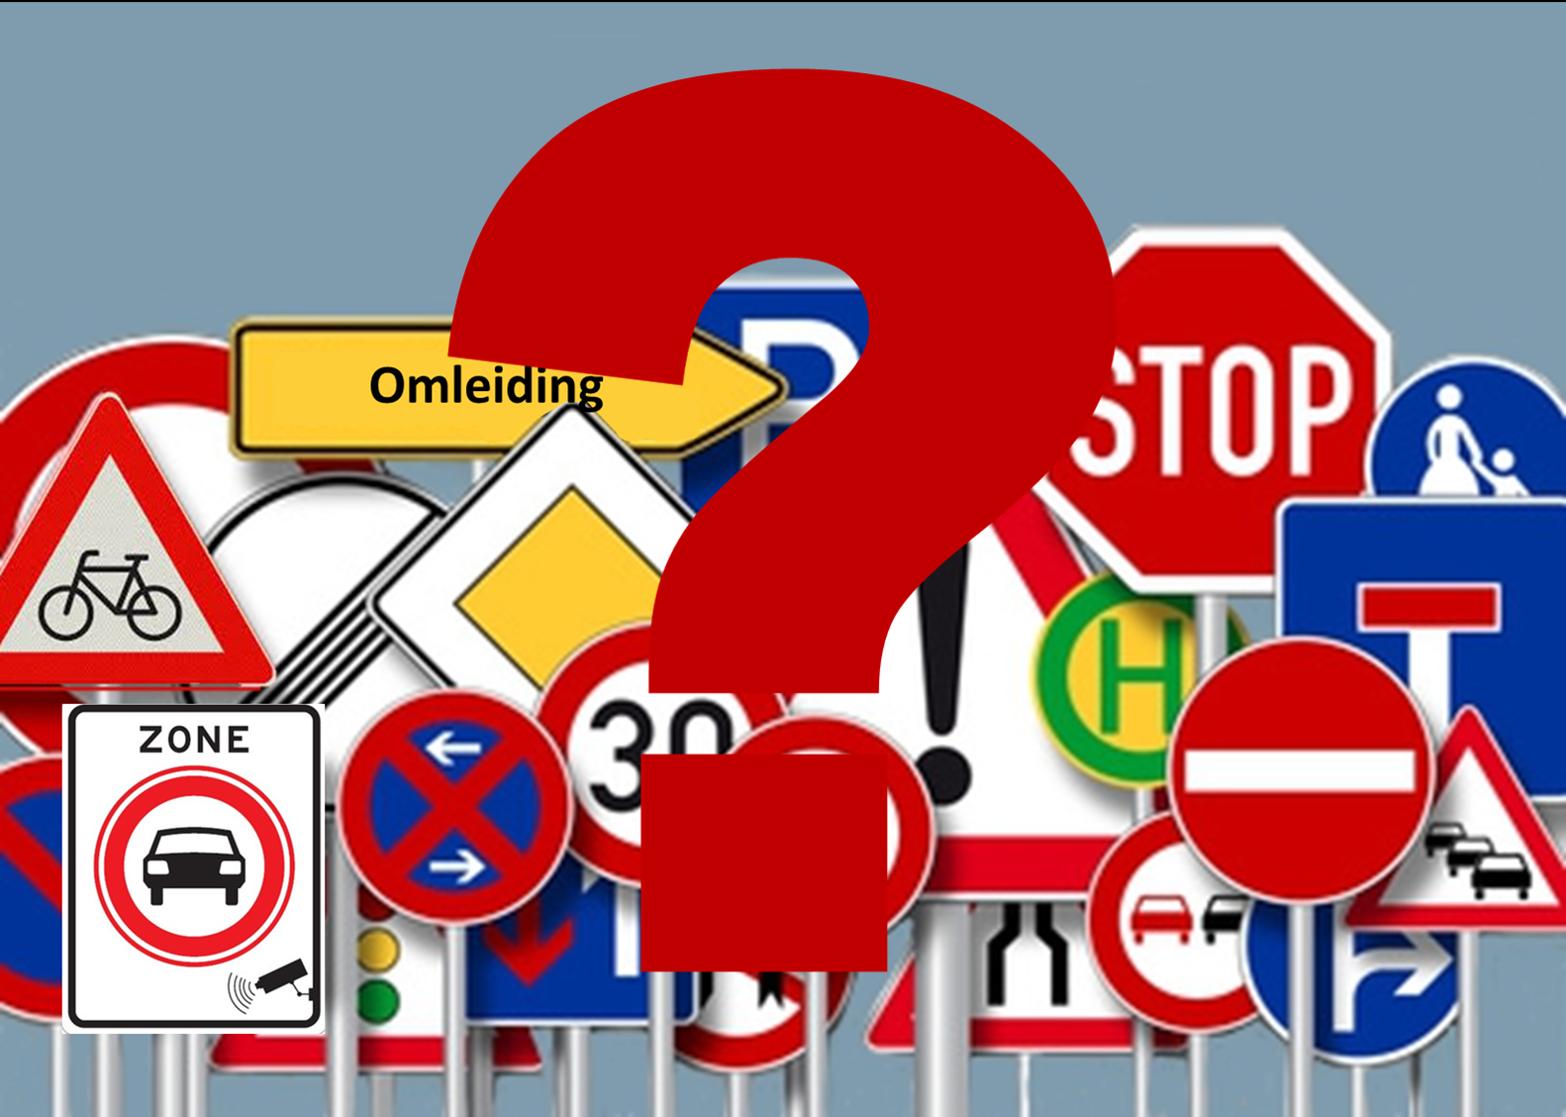 Blijft uw bedrijf goed bereikbaar met het nieuwe verkeerscirculatieplan Gouda?